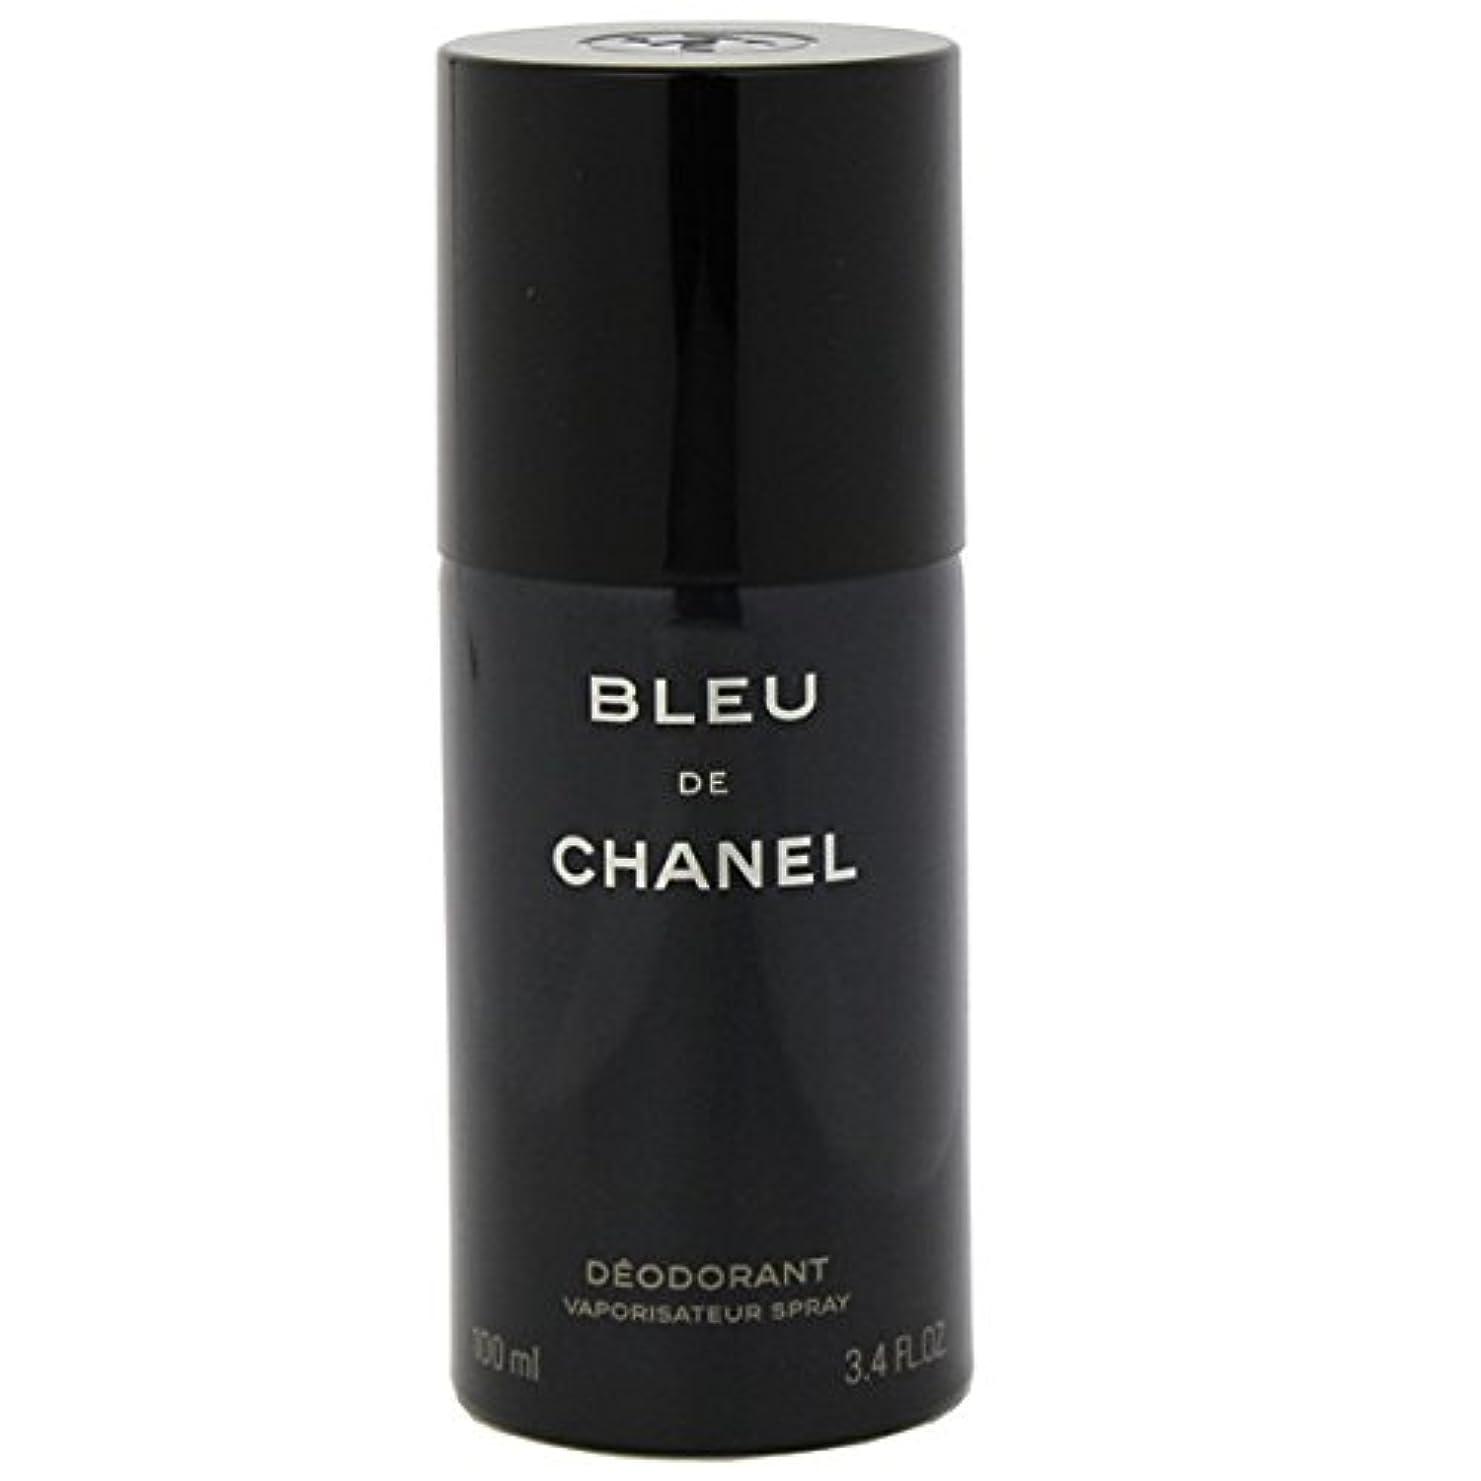 レイアストッキング分数シャネル(CHANEL) ブルー ドゥ シャネル デオドラントスプレー 100ml[並行輸入品]